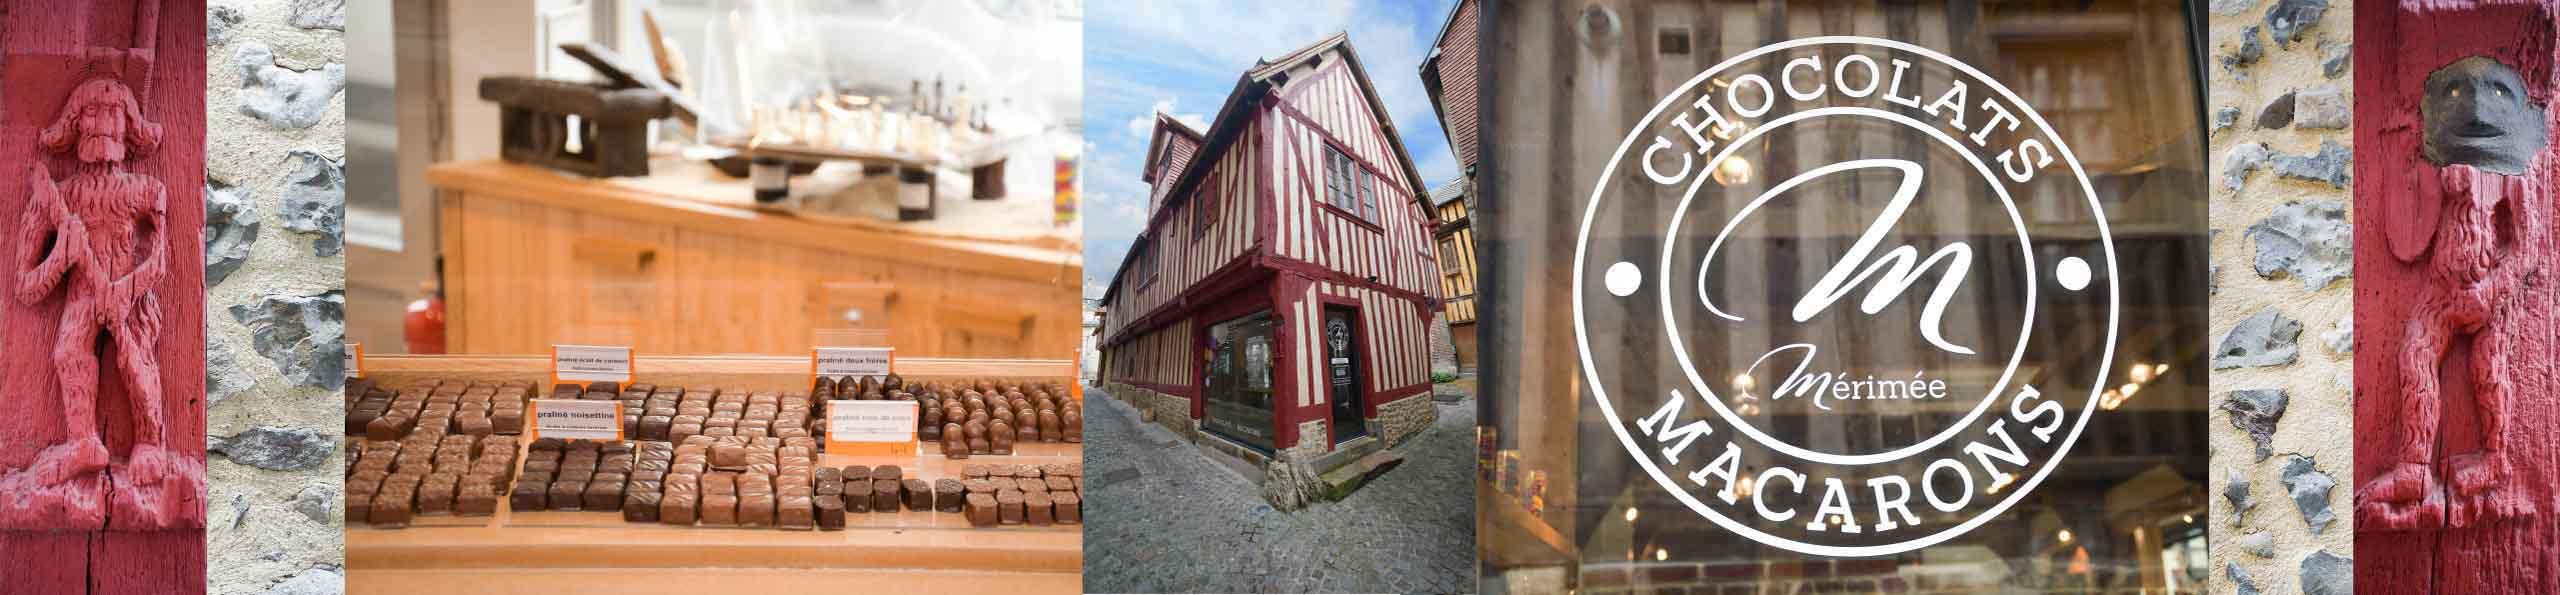 Chocolaterie Mérimée, manoir Desmares, Lisieux, Pont l'Évêque, Calvados, Normandie